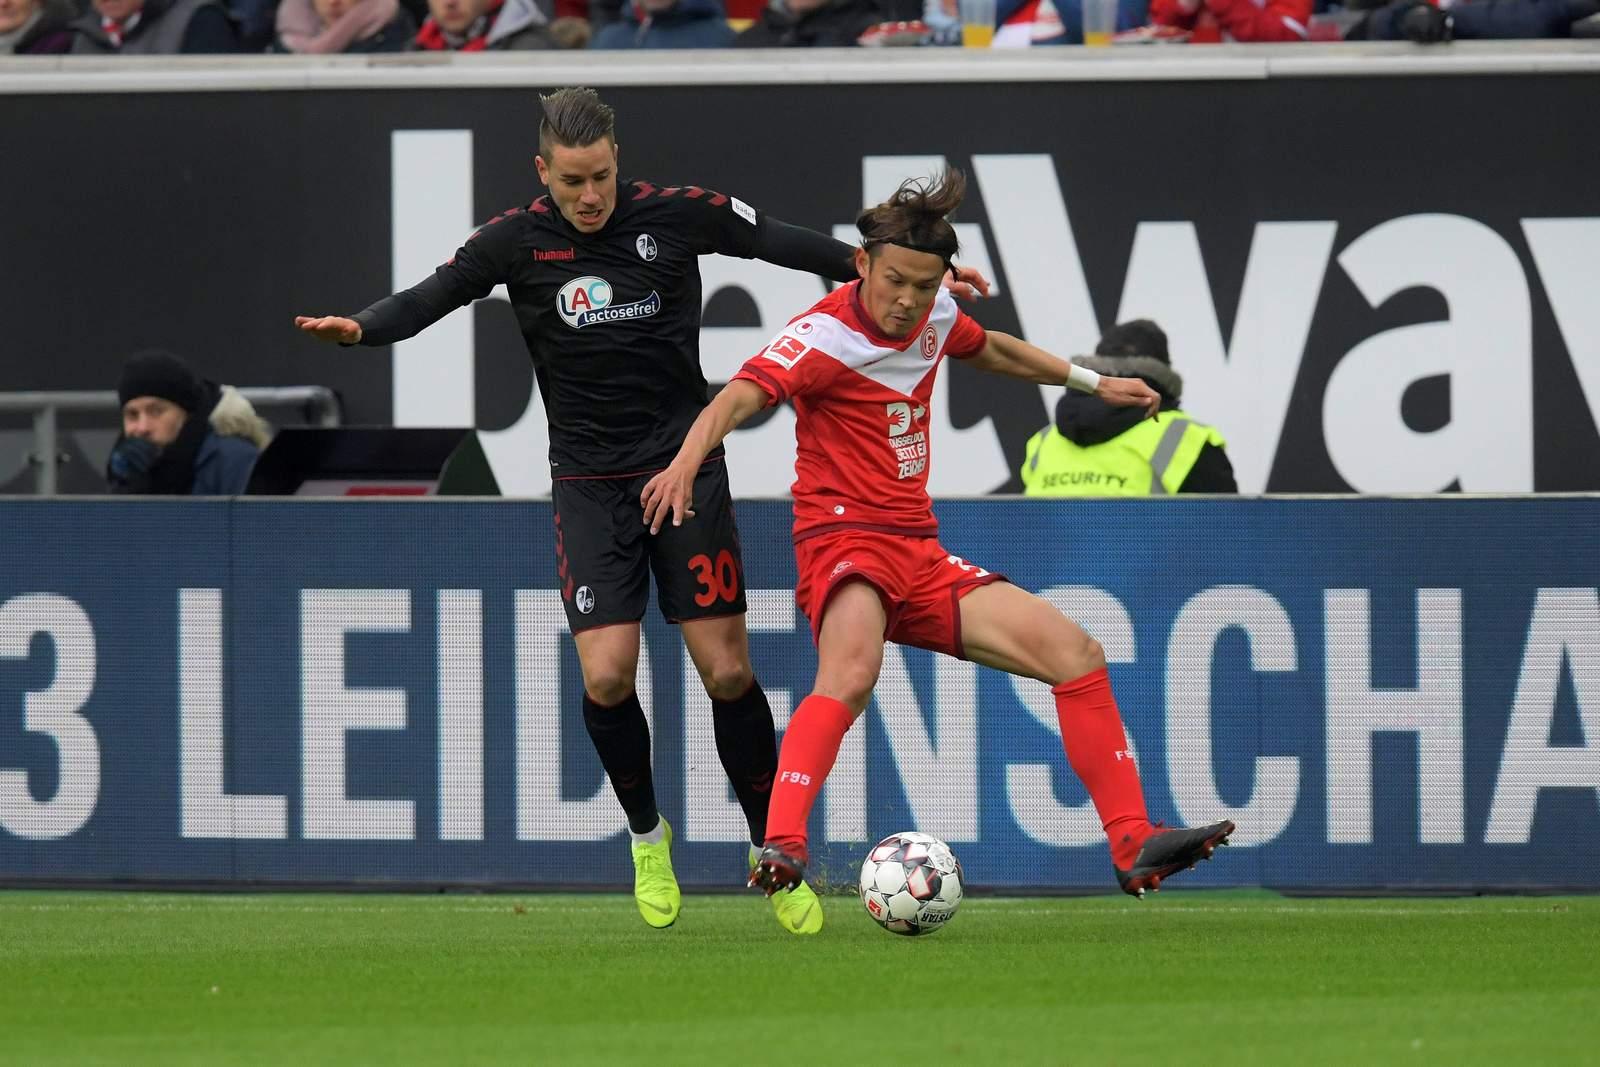 Nimmt Christian Günter mit Freiburg die Hürde Düsseldorf? Jetzt auf Freiburg gegen Fortuna wetten!